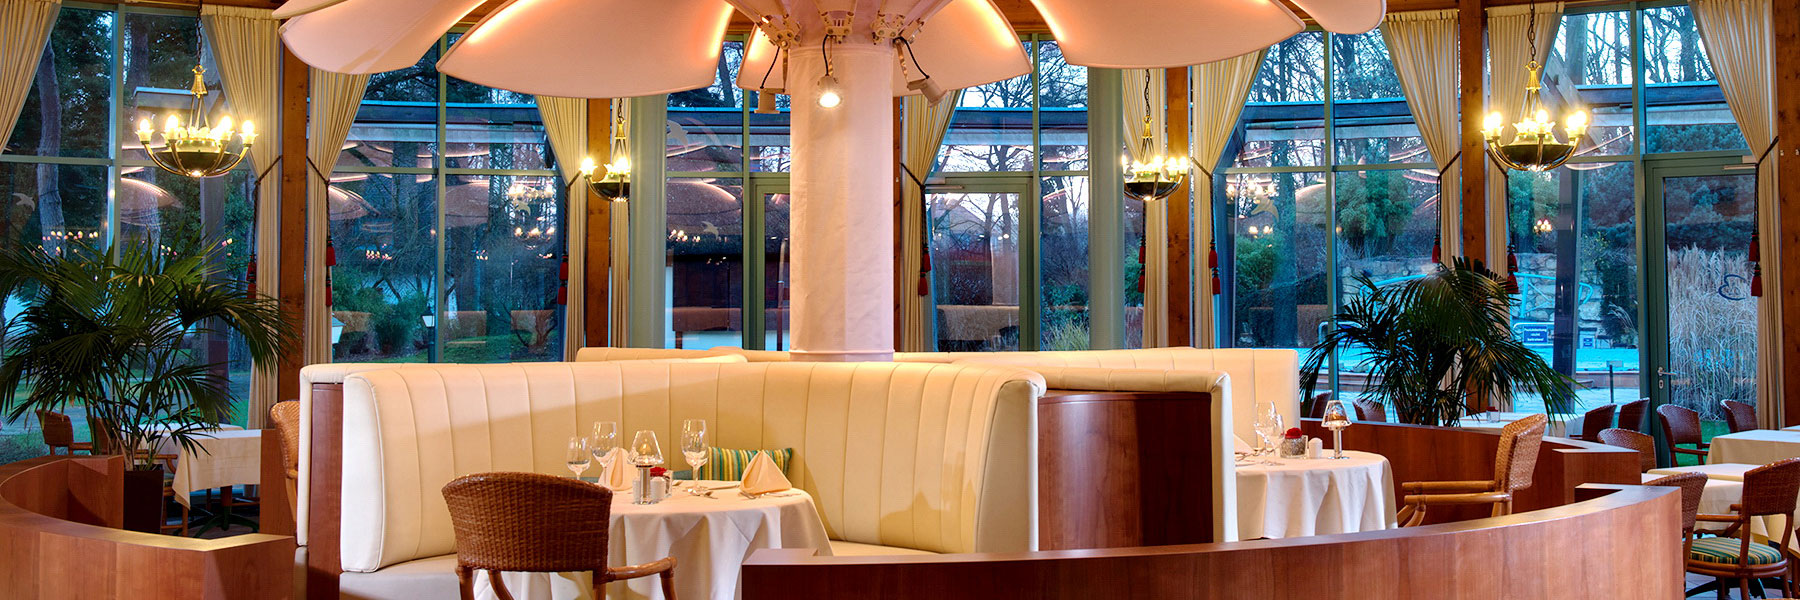 Gartenrestaurant - Bernstein Hotel Prerow